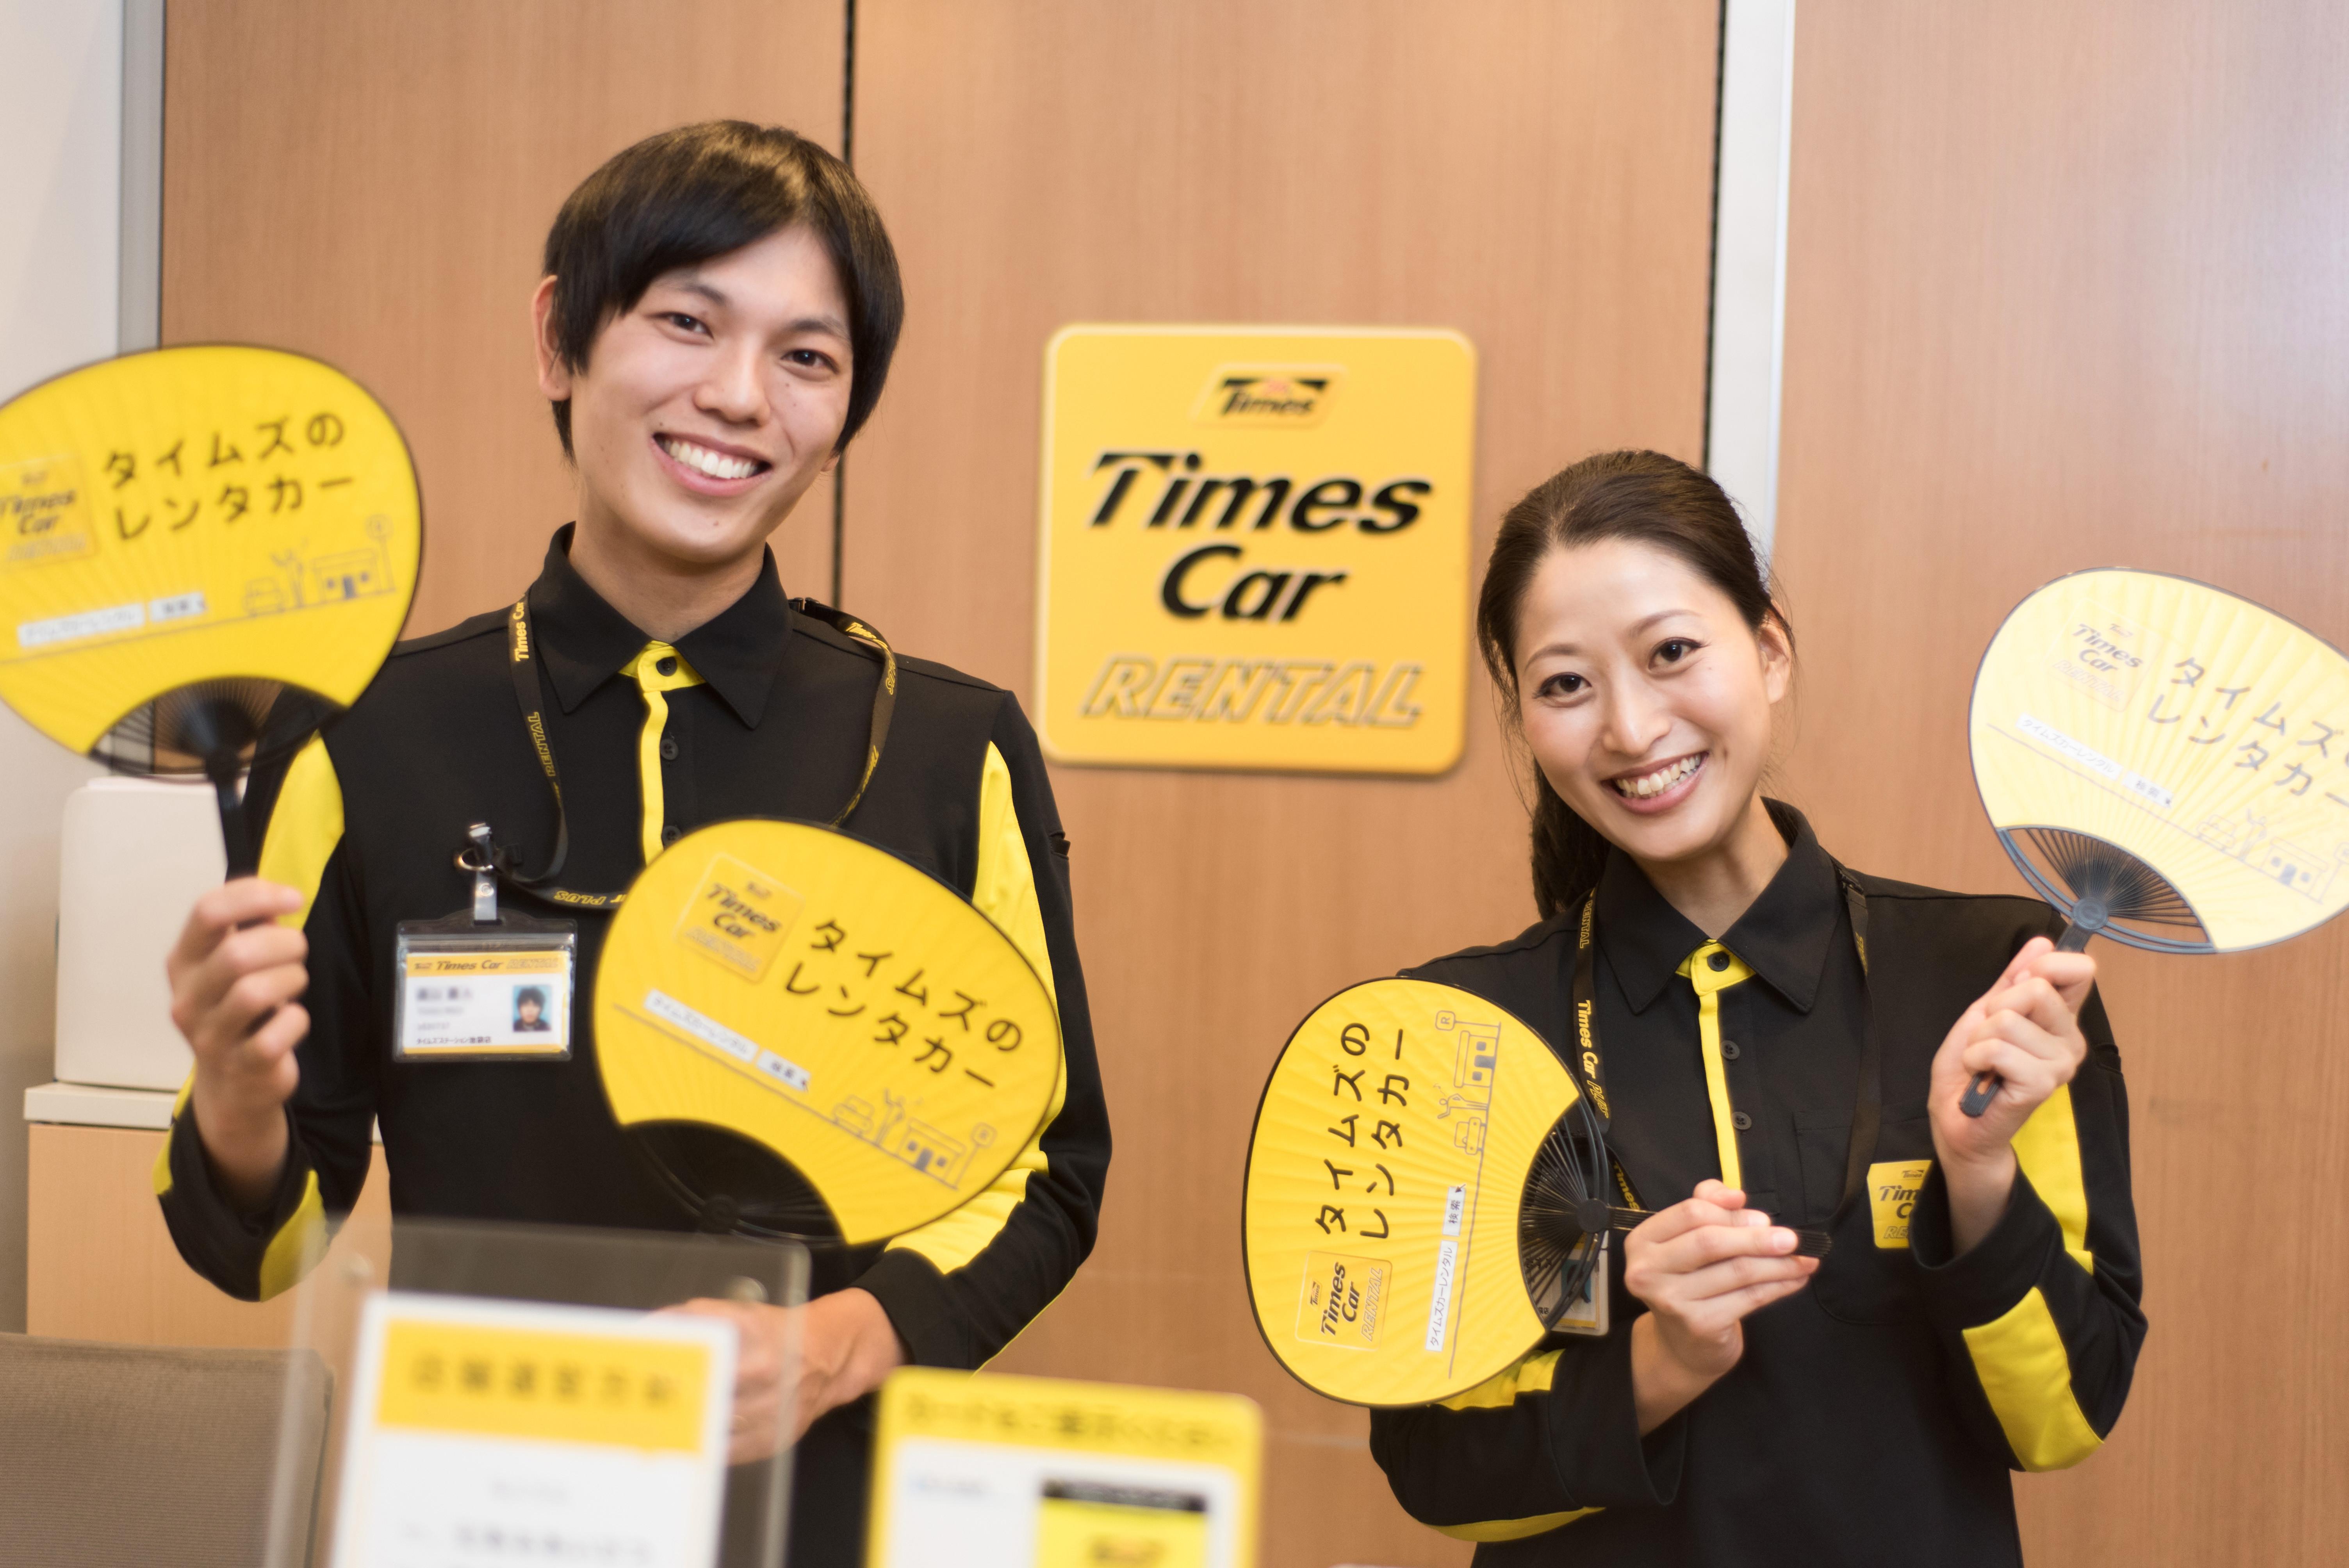 タイムズカーレンタル 博多祇園駅店 勤務時間固定のアルバイト情報